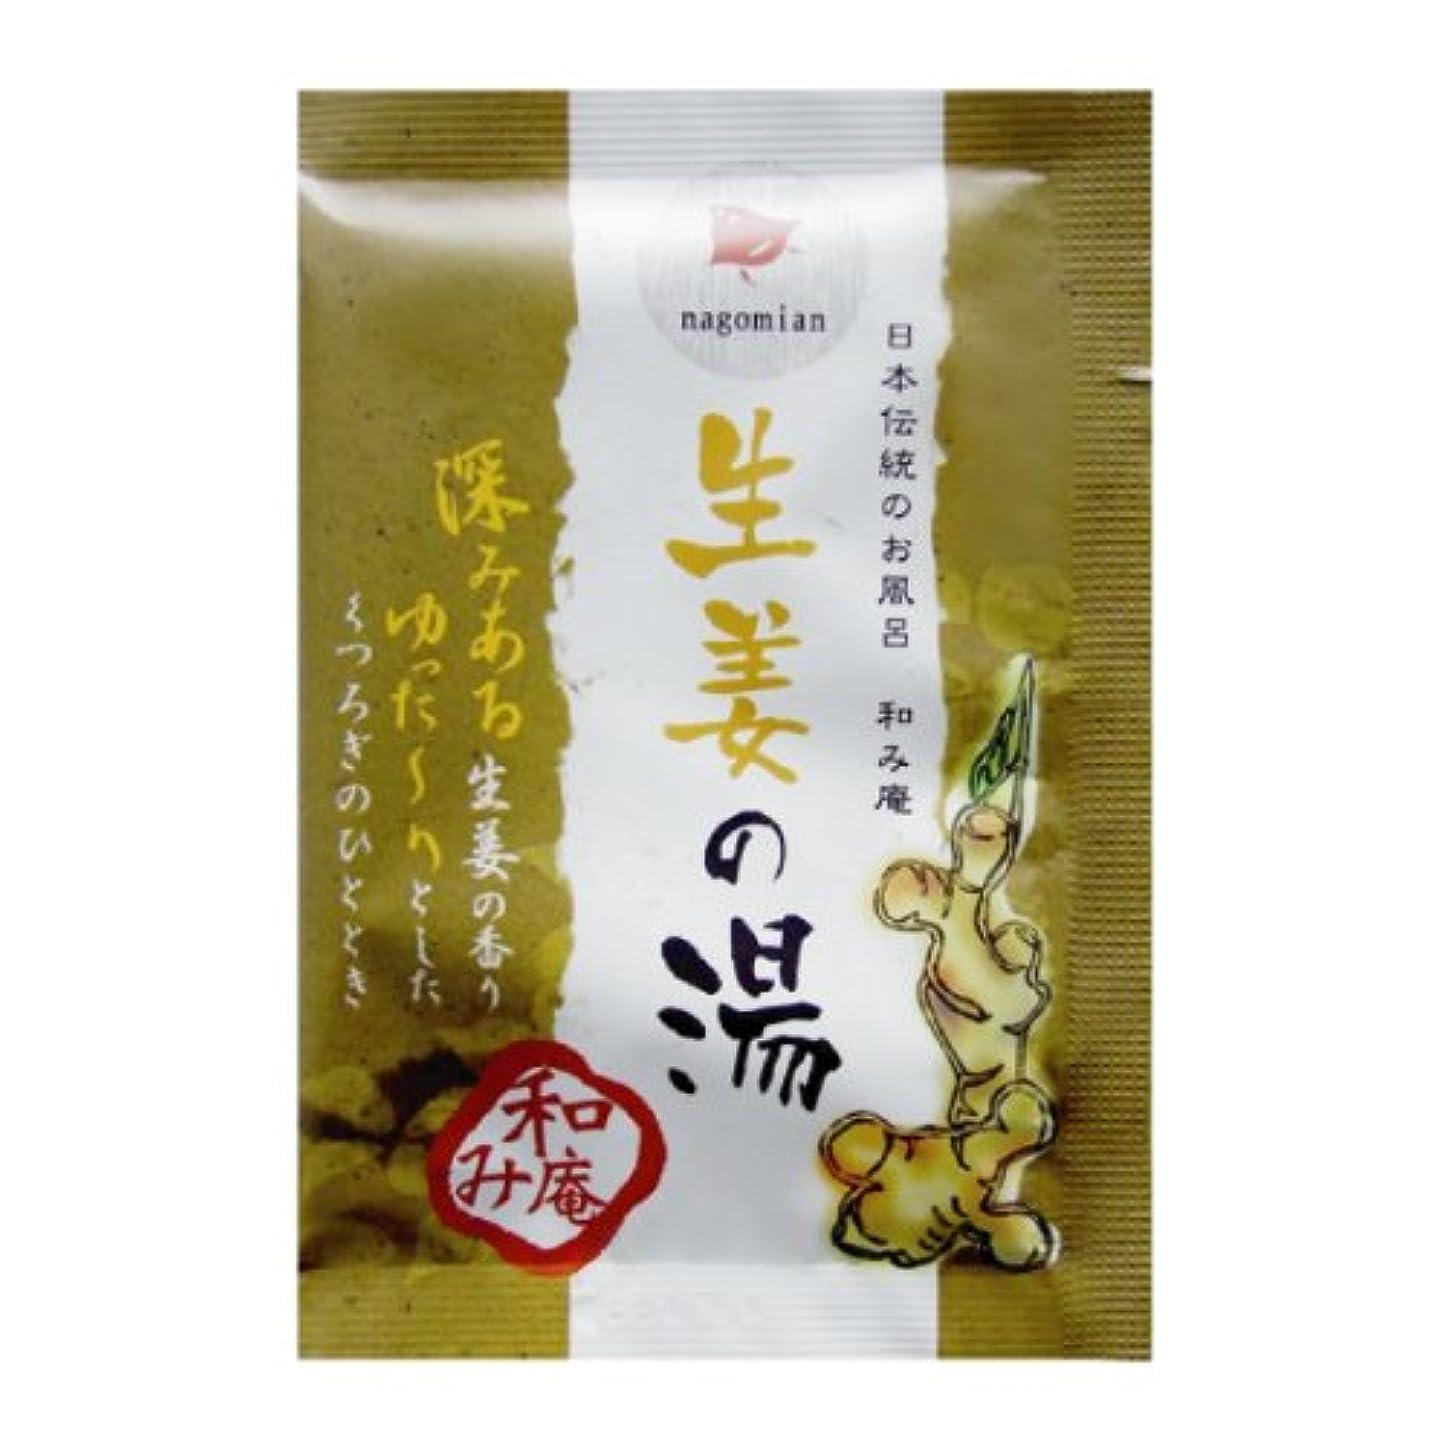 相互受け入れ快い日本伝統のお風呂 和み庵 生姜の湯 200包